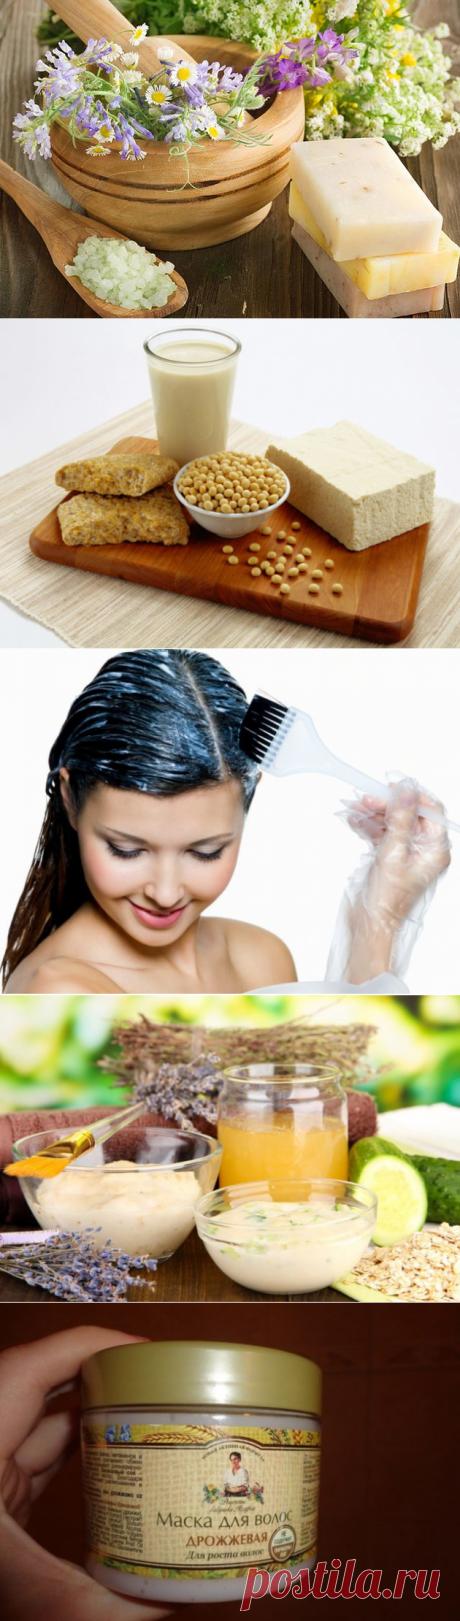 Дрожжевая маска для волос в домашних условиях: отзывы